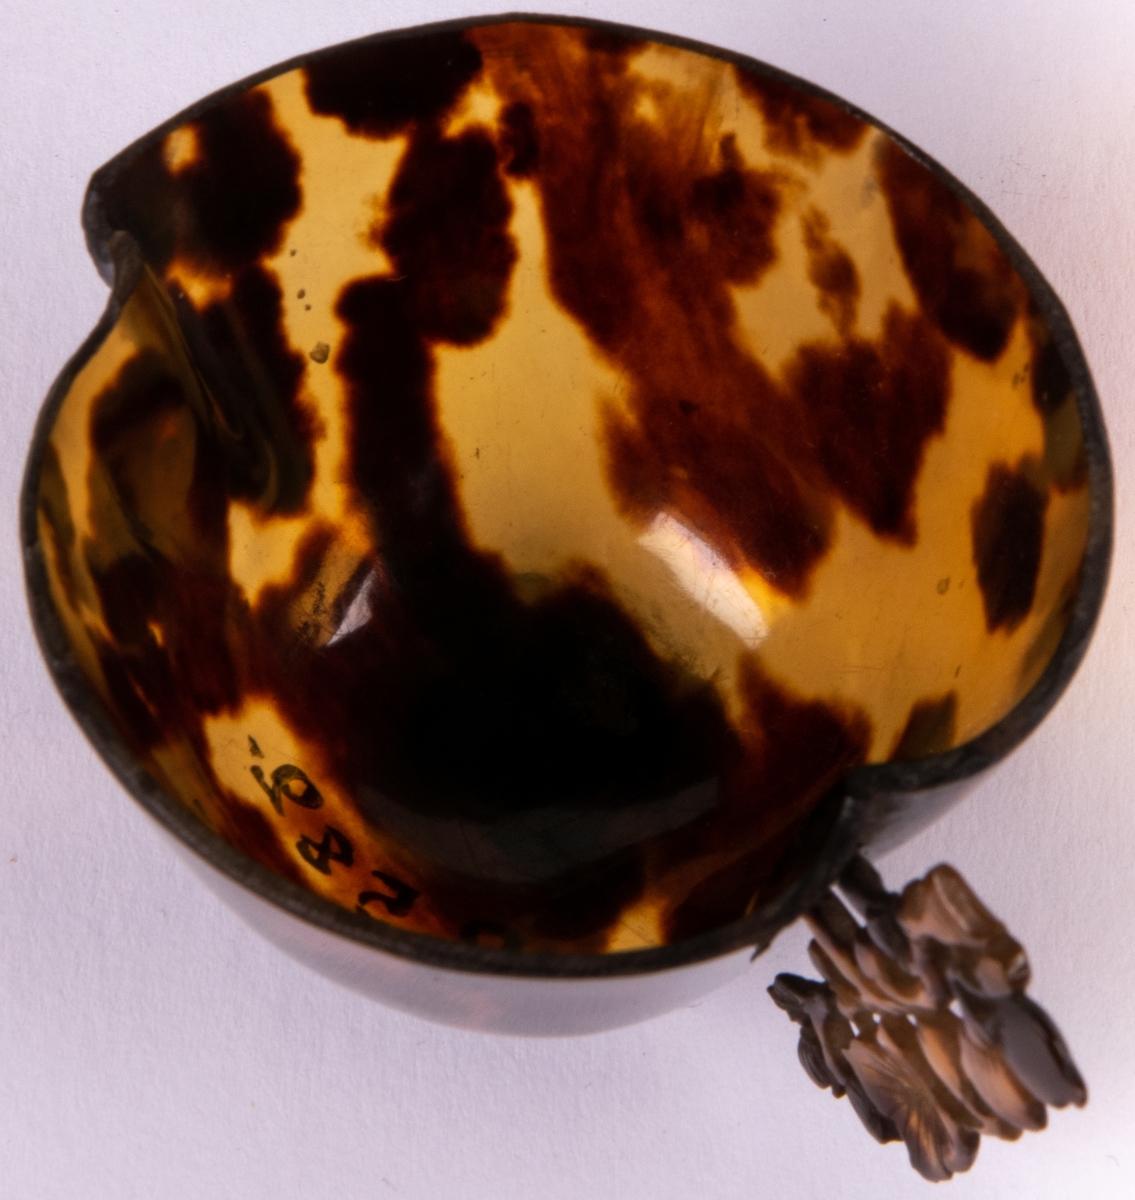 Kopp av sköldpadd, ena halvan något vidare än den andra. Sidohandtag i genombruten utskärning, växtornamentik.